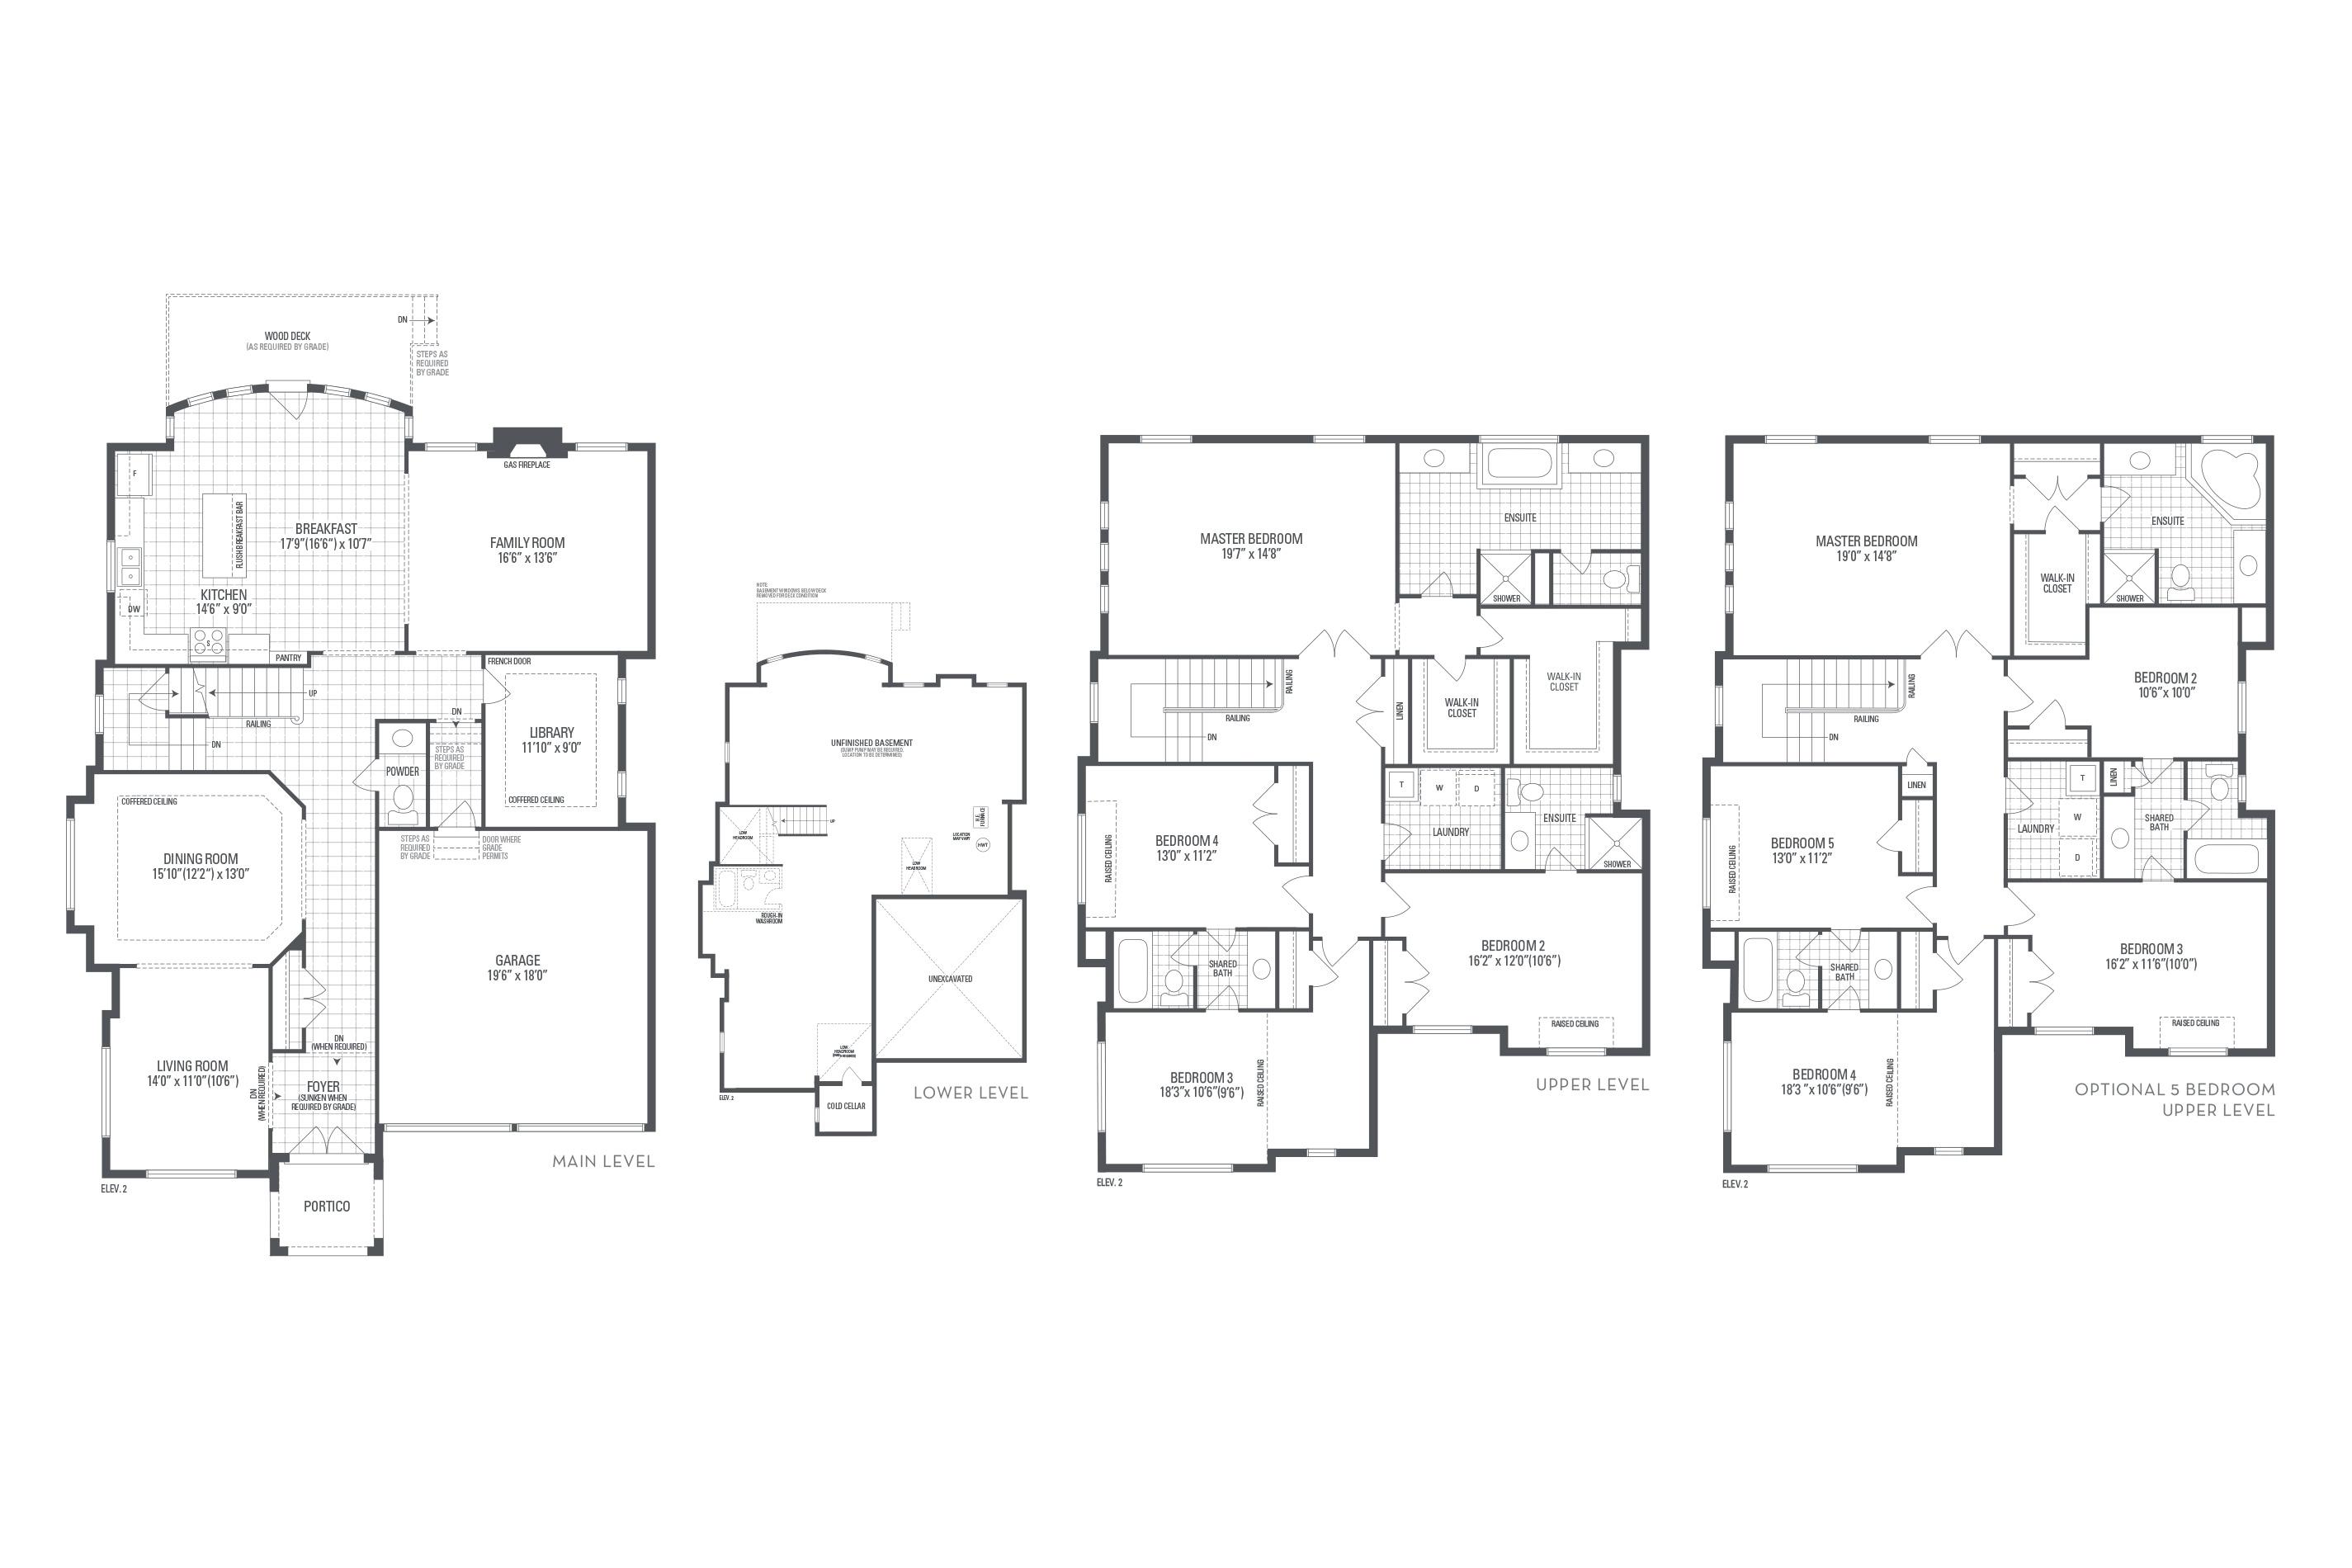 Crawford 12 Elev. 2 Floorplan